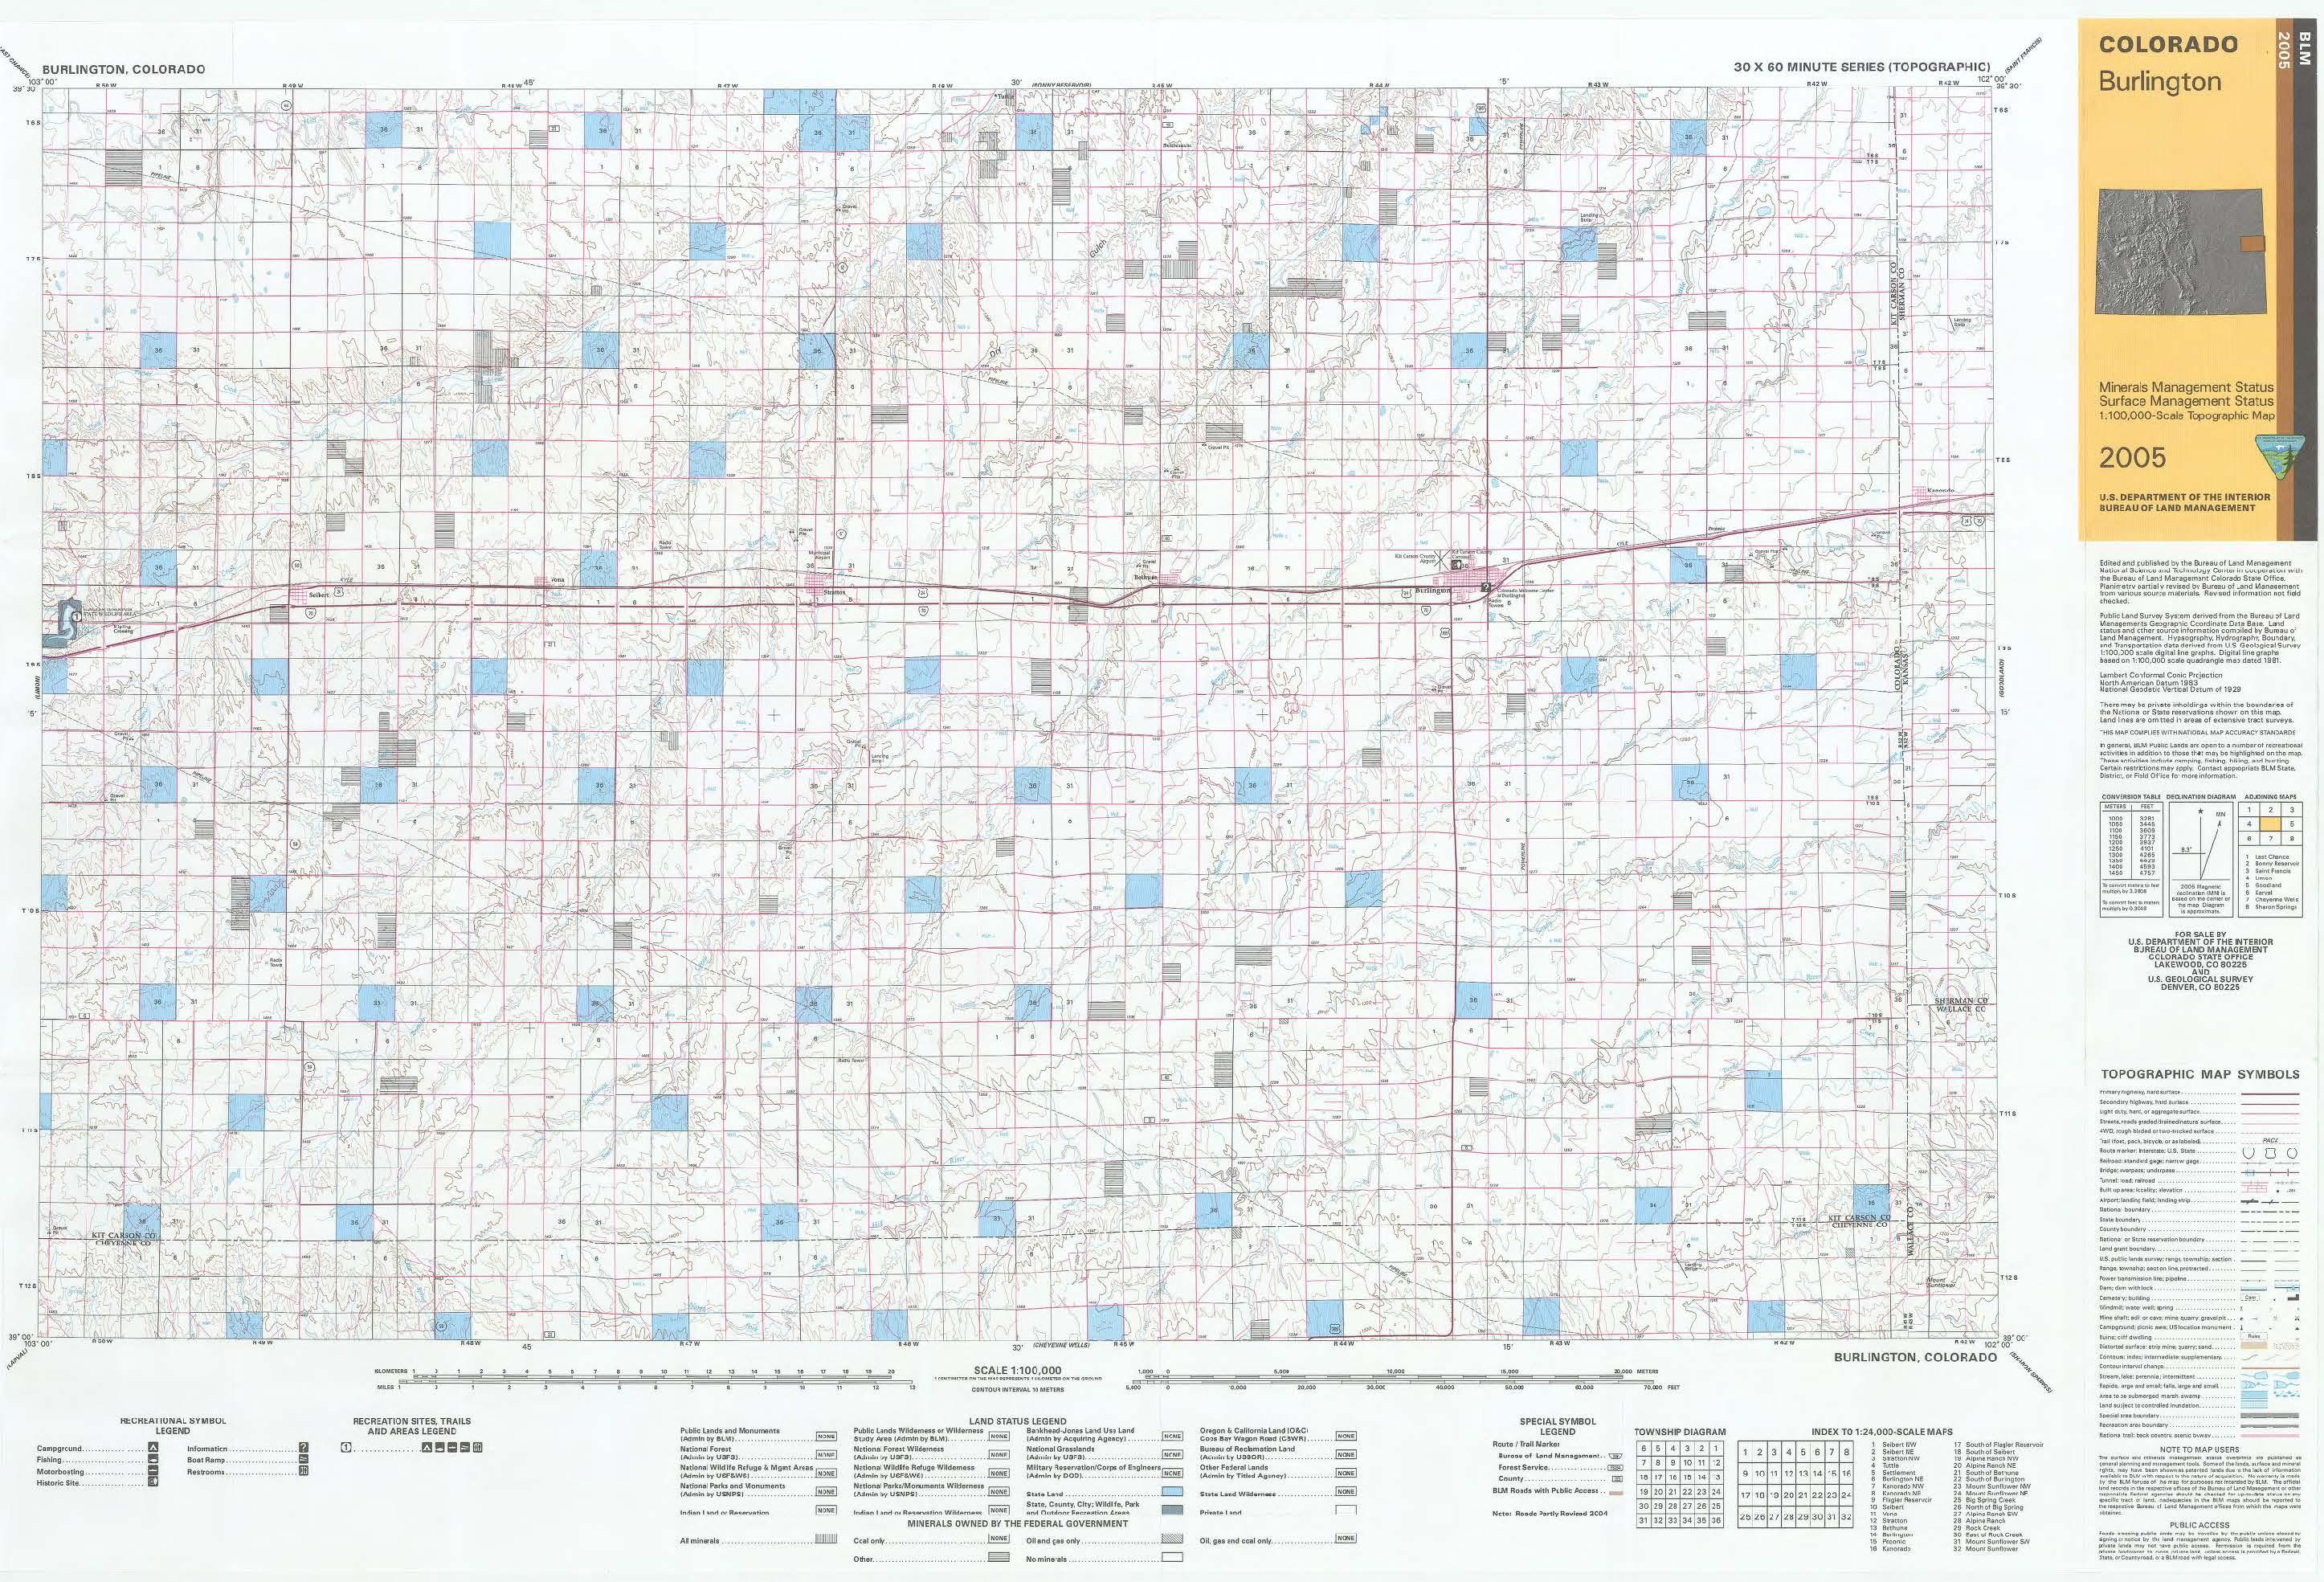 CO Surface Management Status Burlington Map BUREAU OF LAND MANAGEMENT